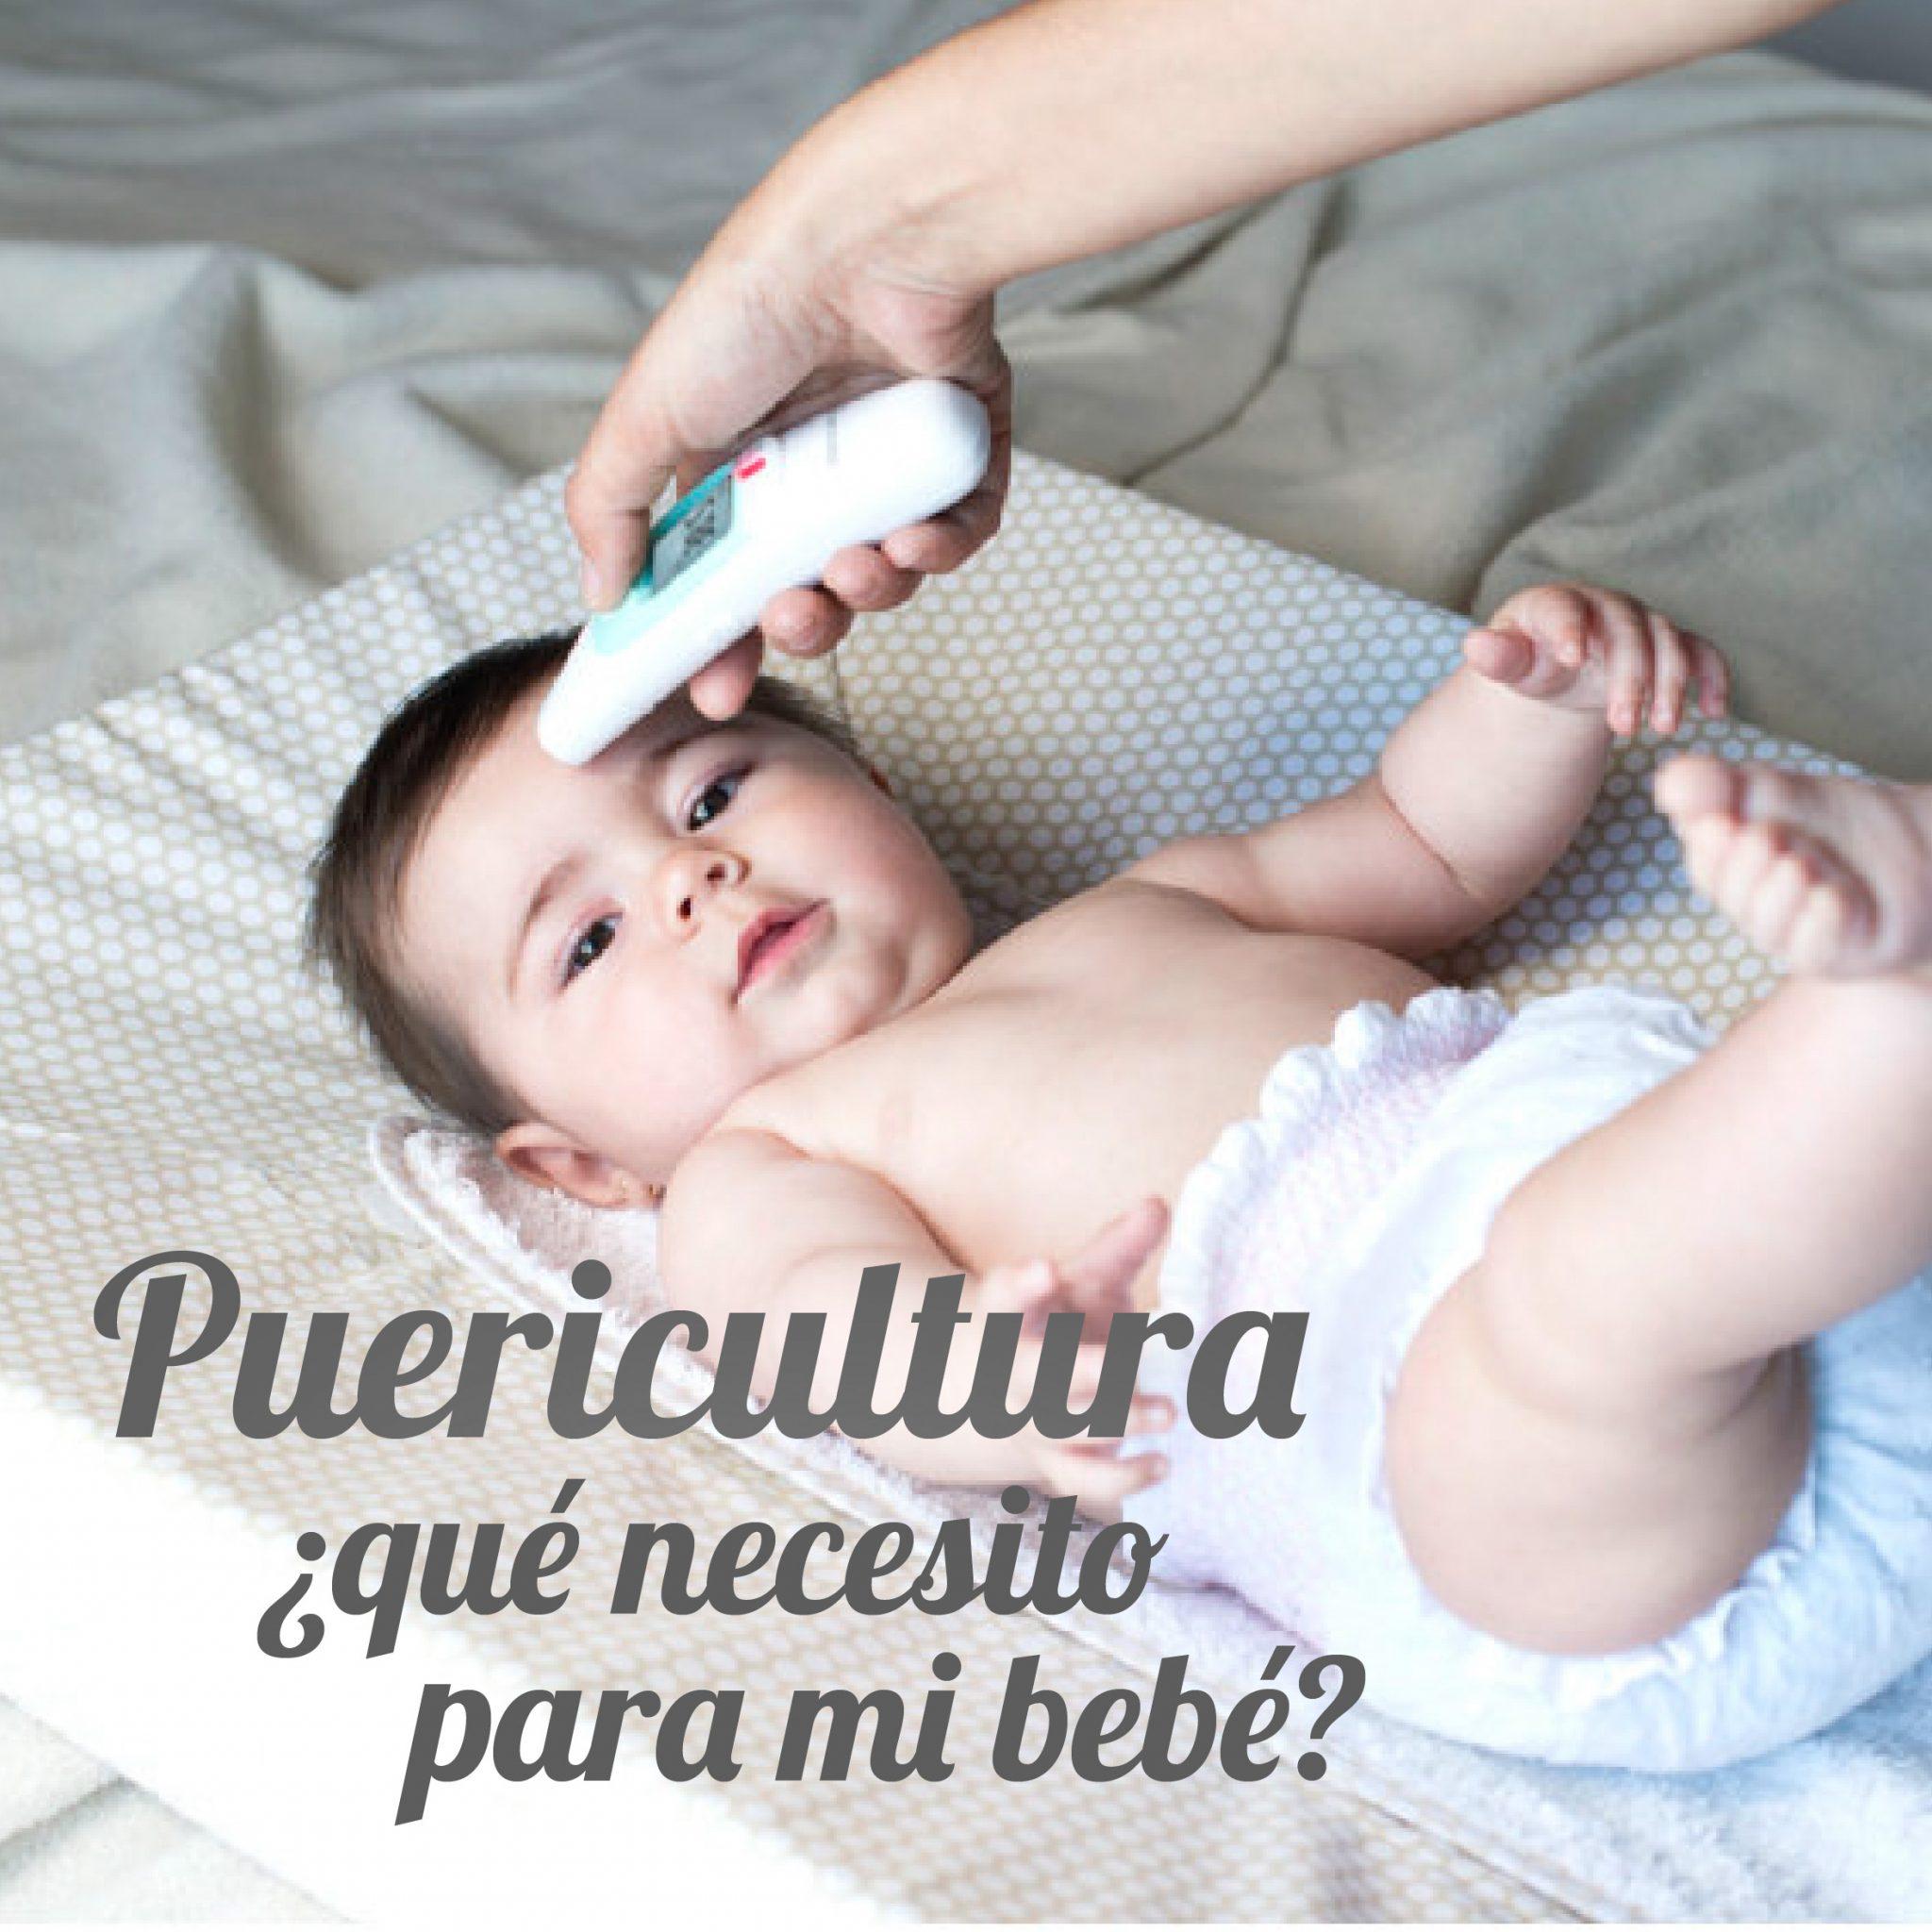 Puericultura ¿Qué necesito para mi bebé?